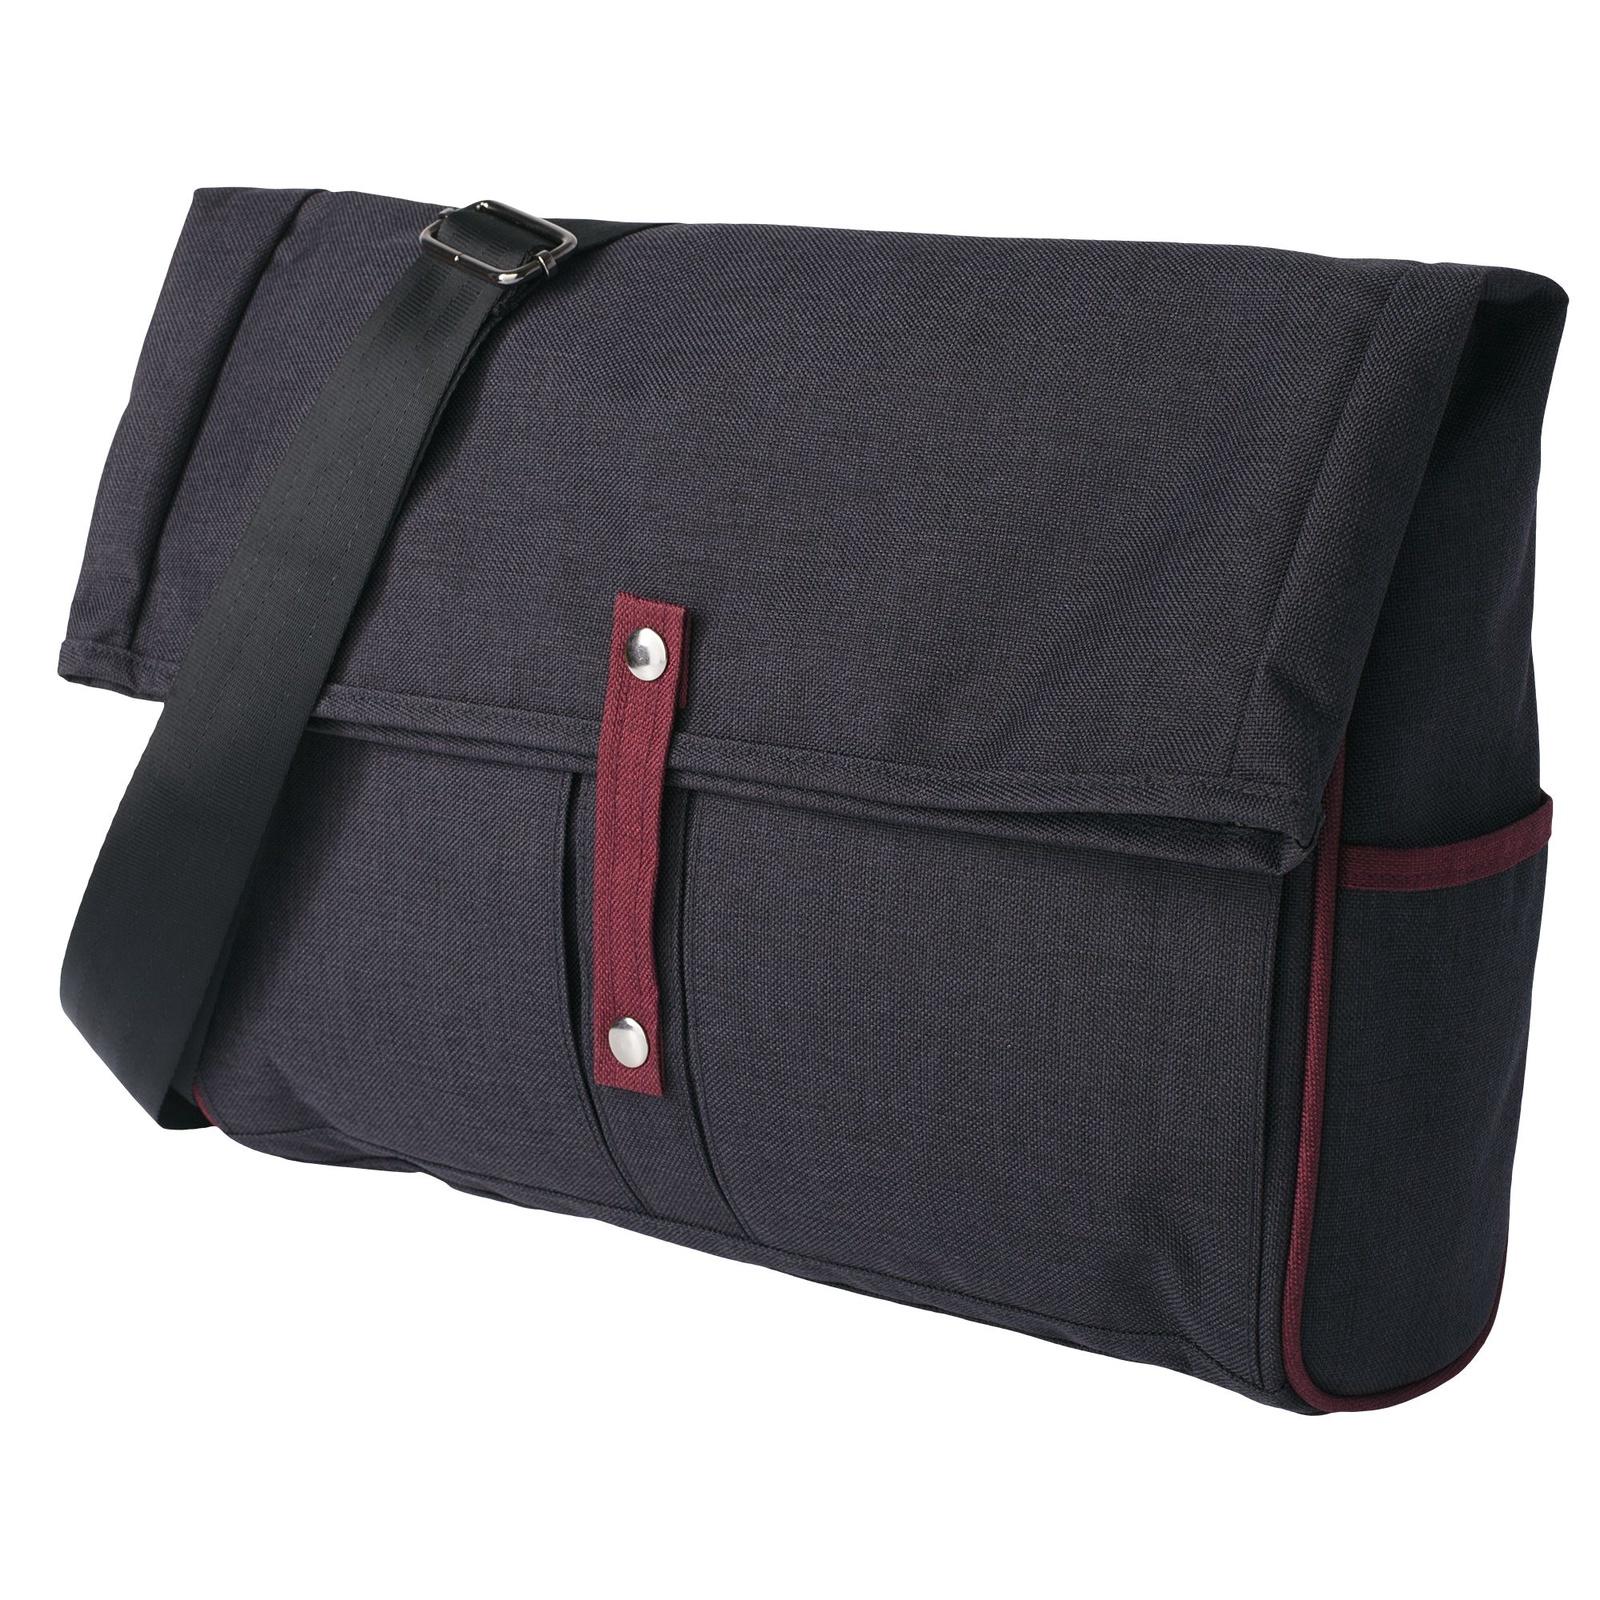 Сумка для ноутбука Indivo twoFold, серый, бордовый